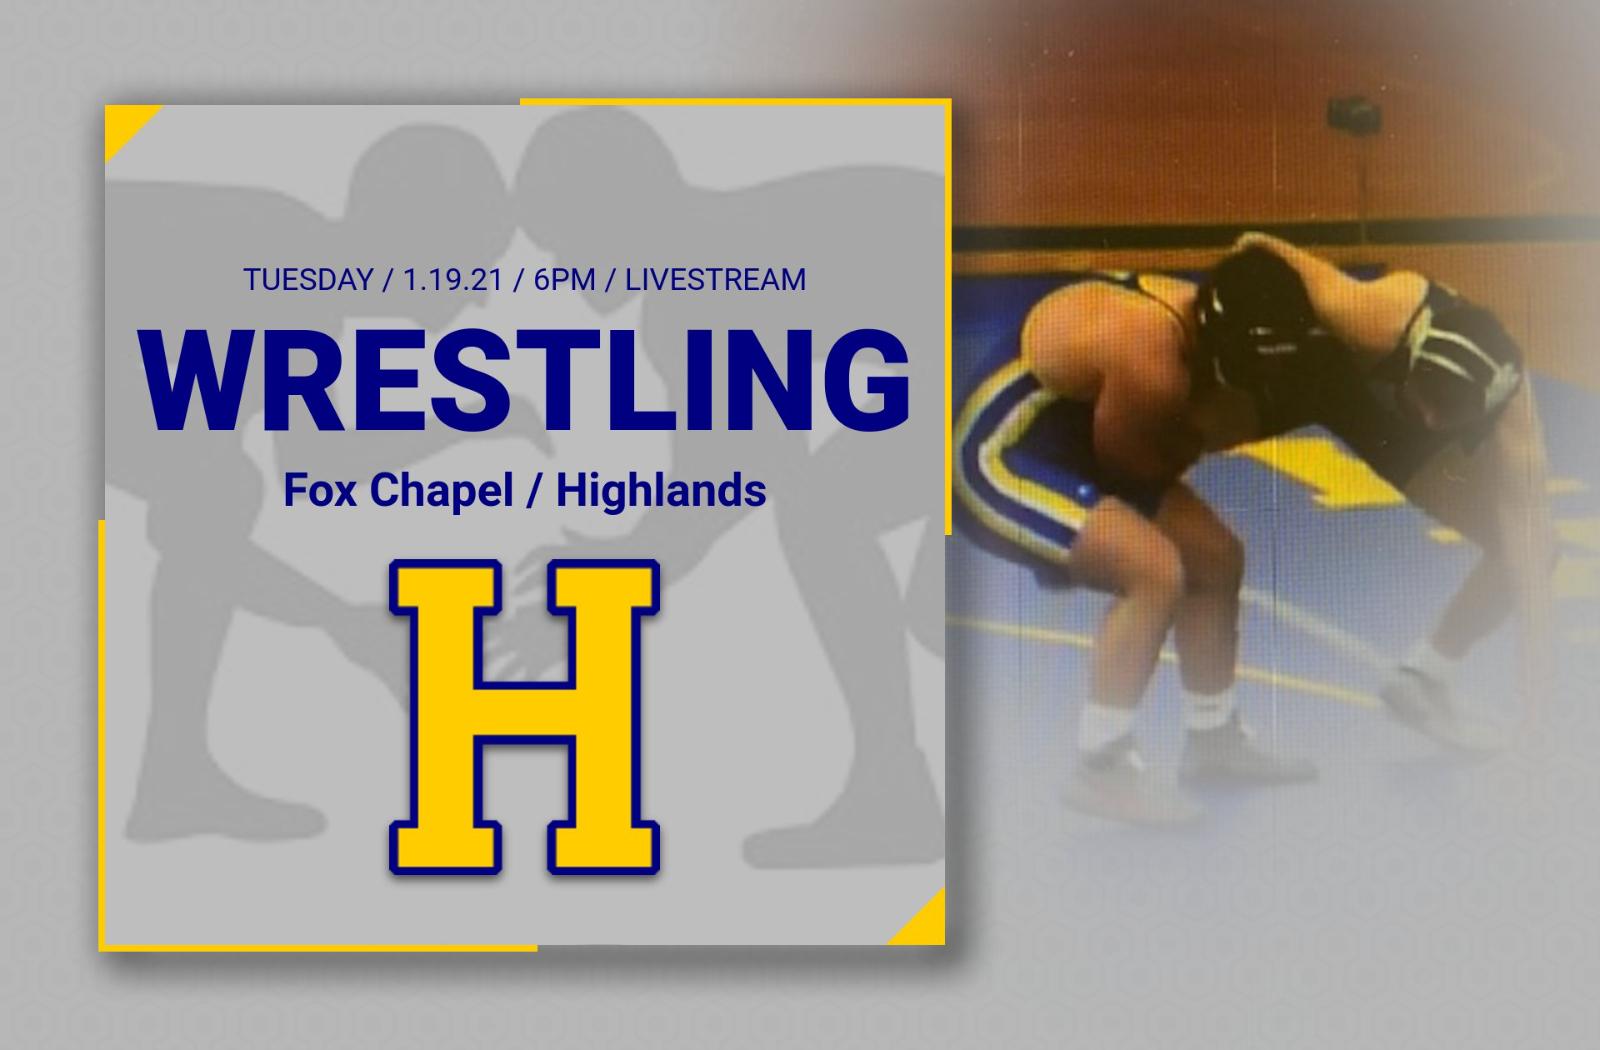 Wrestling Tonight vs Highlands / Fox Chapel – Livestream